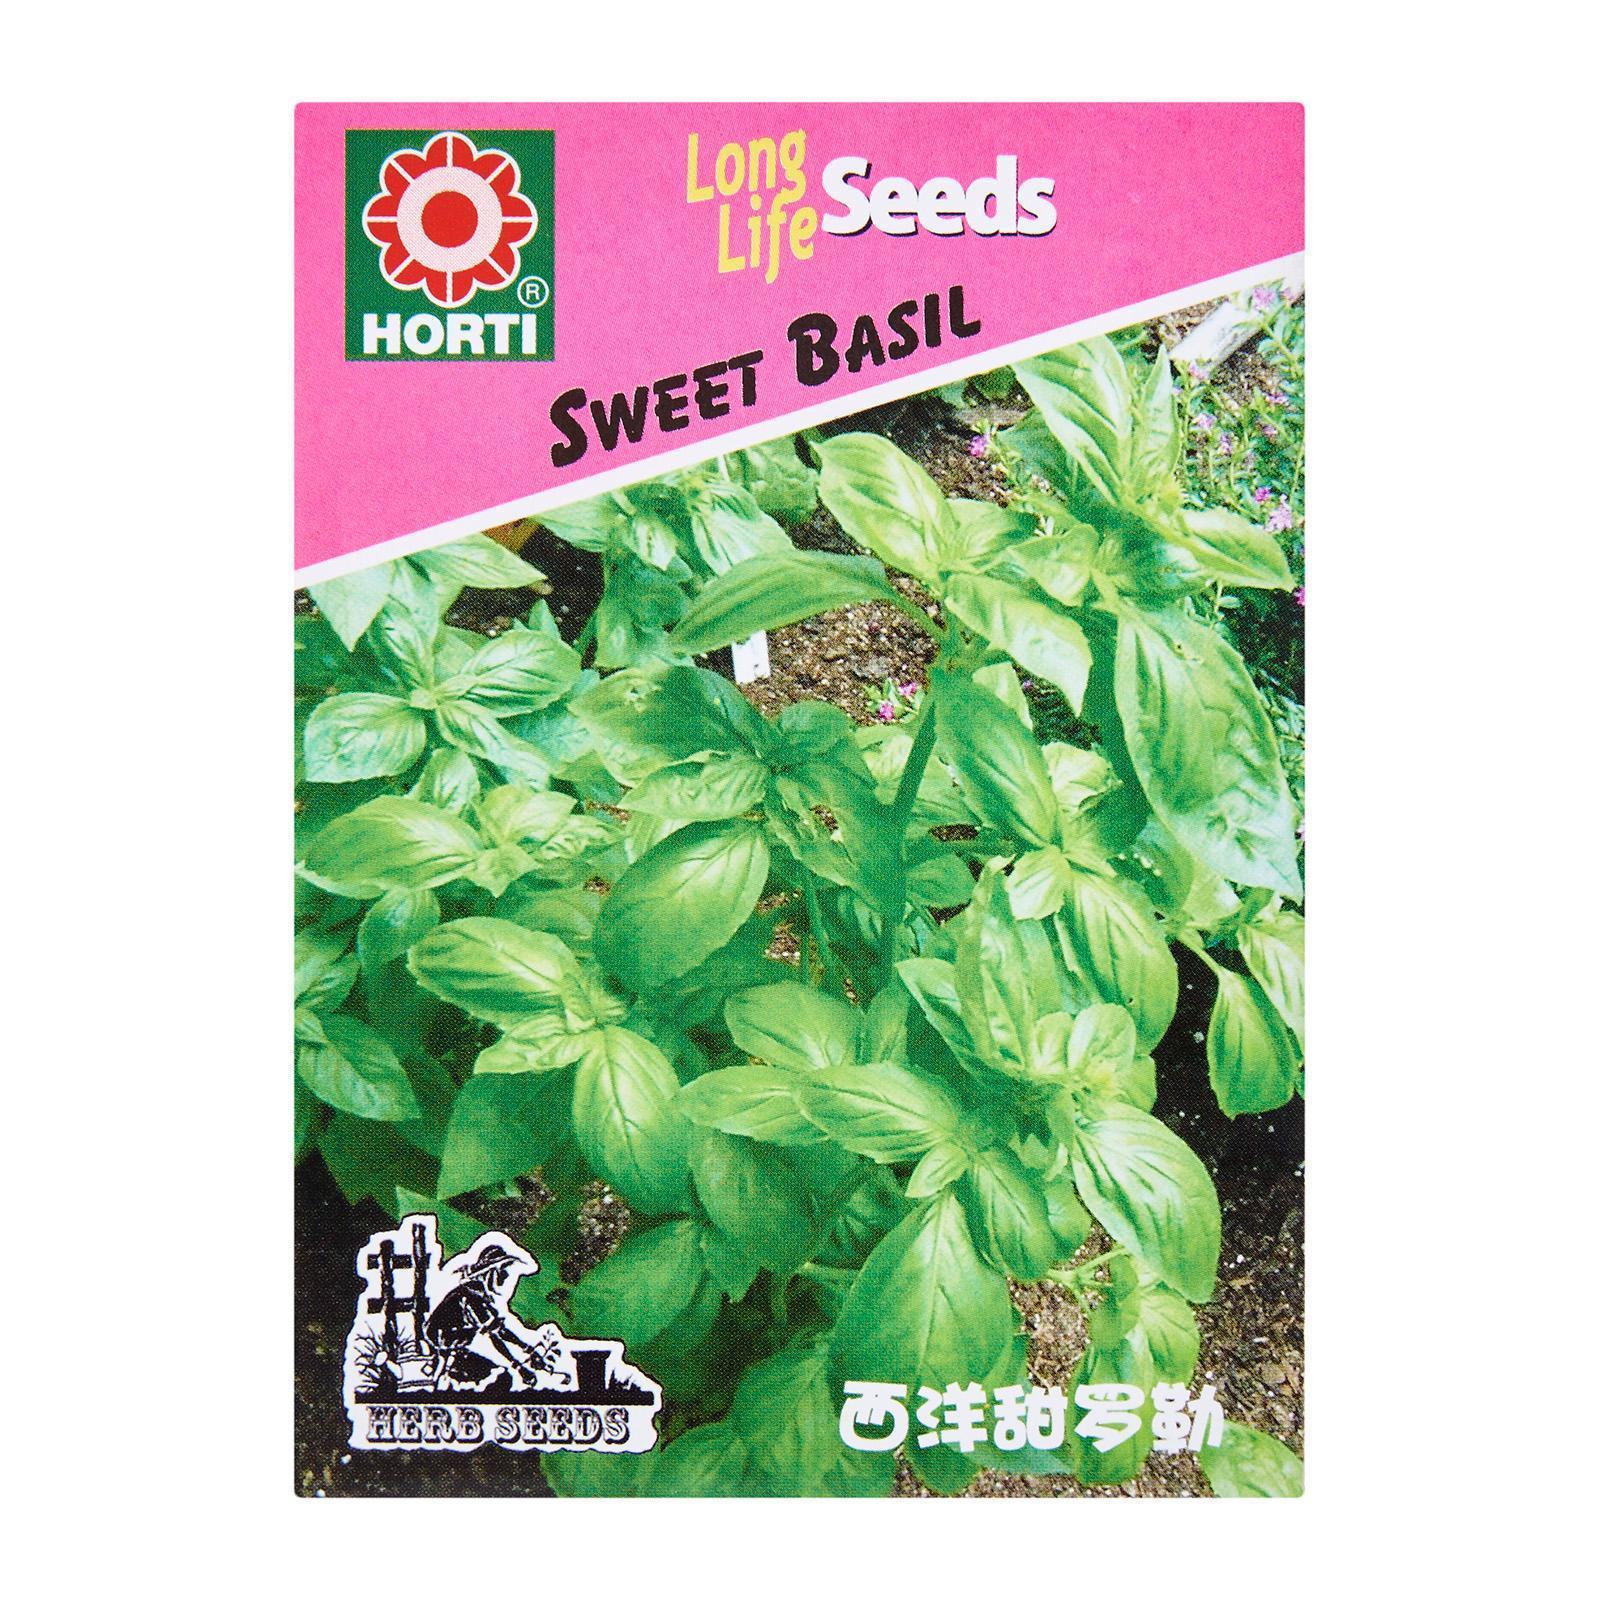 Horti Sweet Basil Seeds